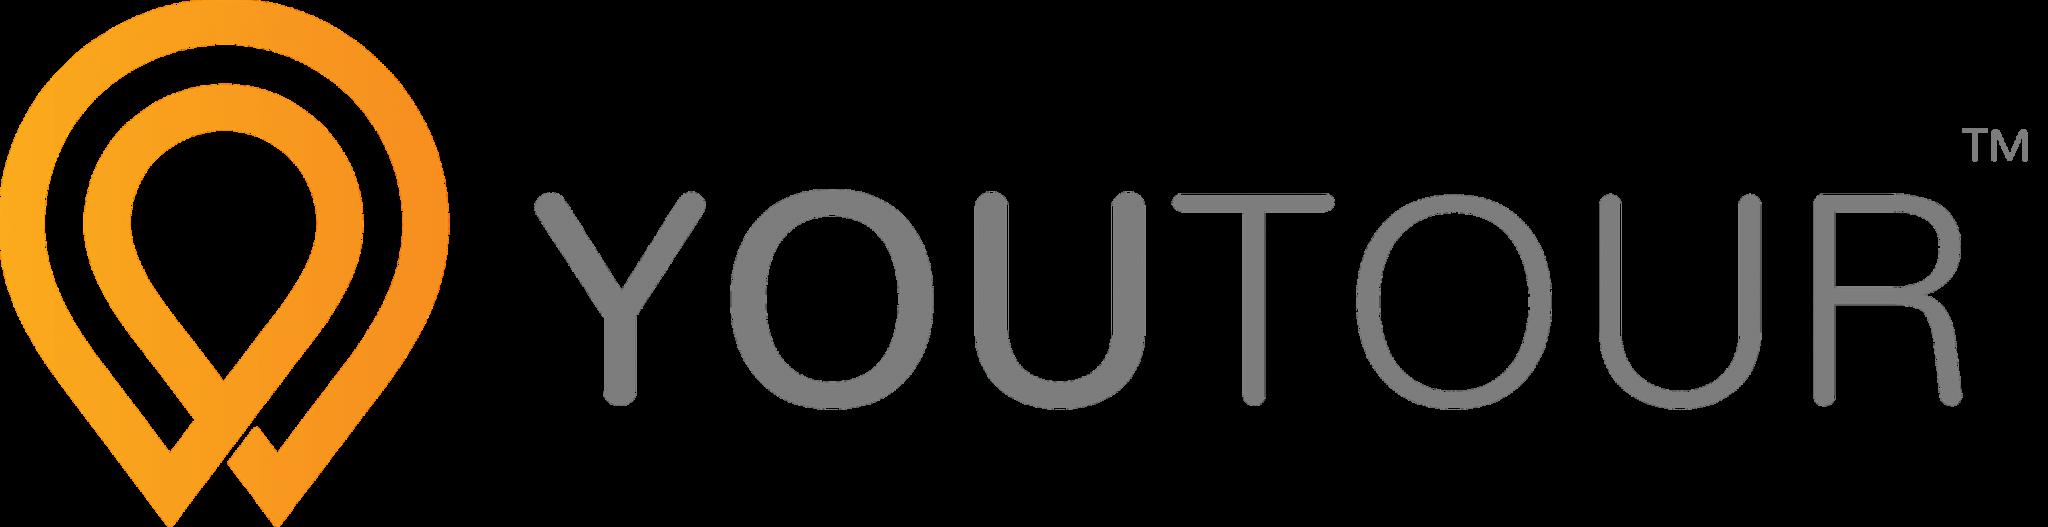 YouTour